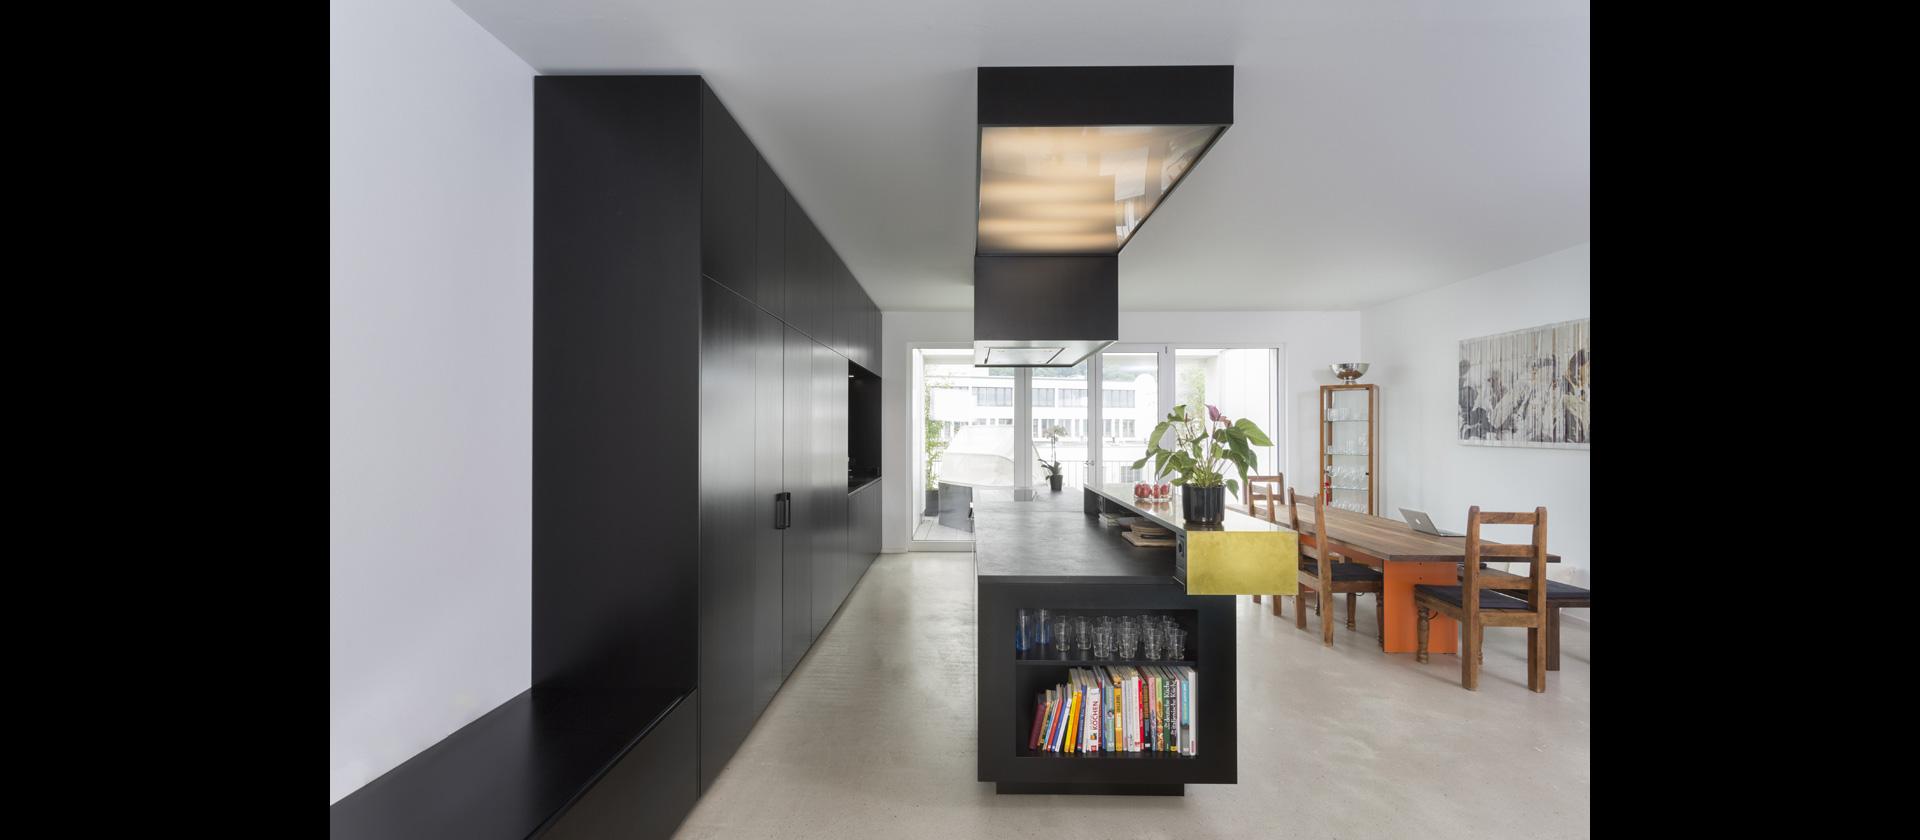 Full Size of Schwarze Küche Landhausstil Schwarze Küche Ikea Fliesen Für Schwarze Küche Schwarze Küche Welche Wandfarbe Küche Schwarze Küche